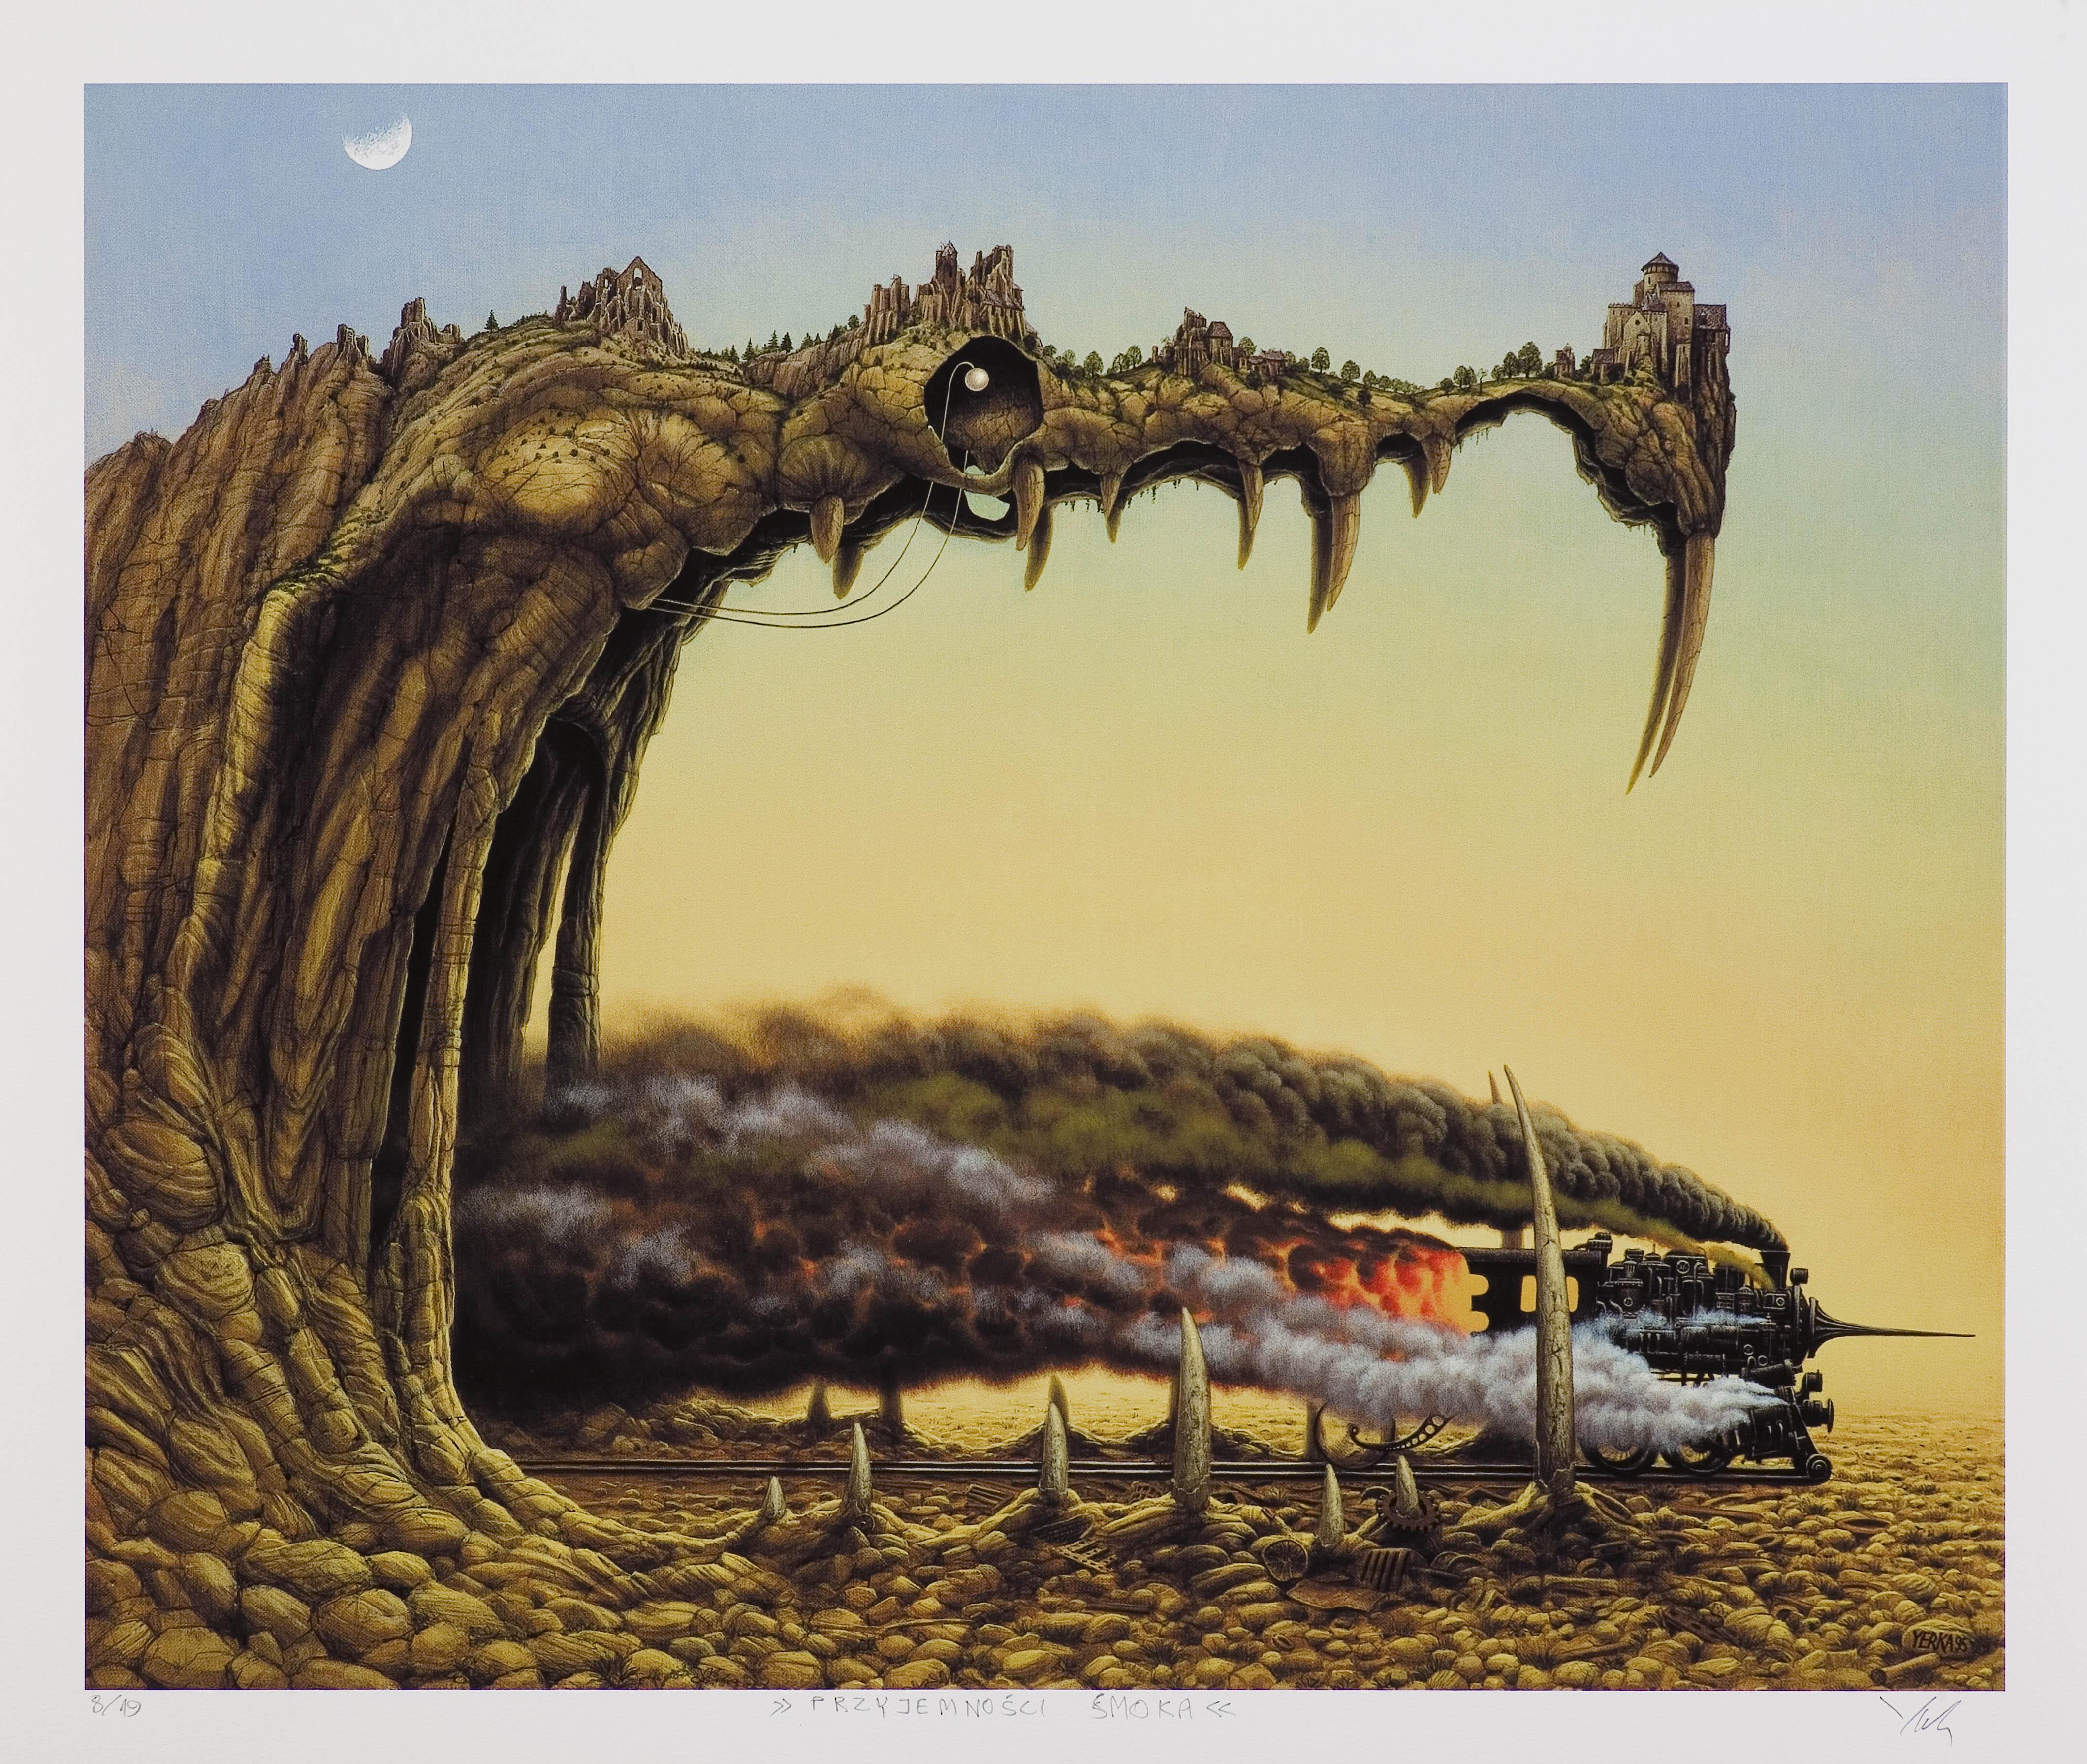 Przyjemności smoka, 1995